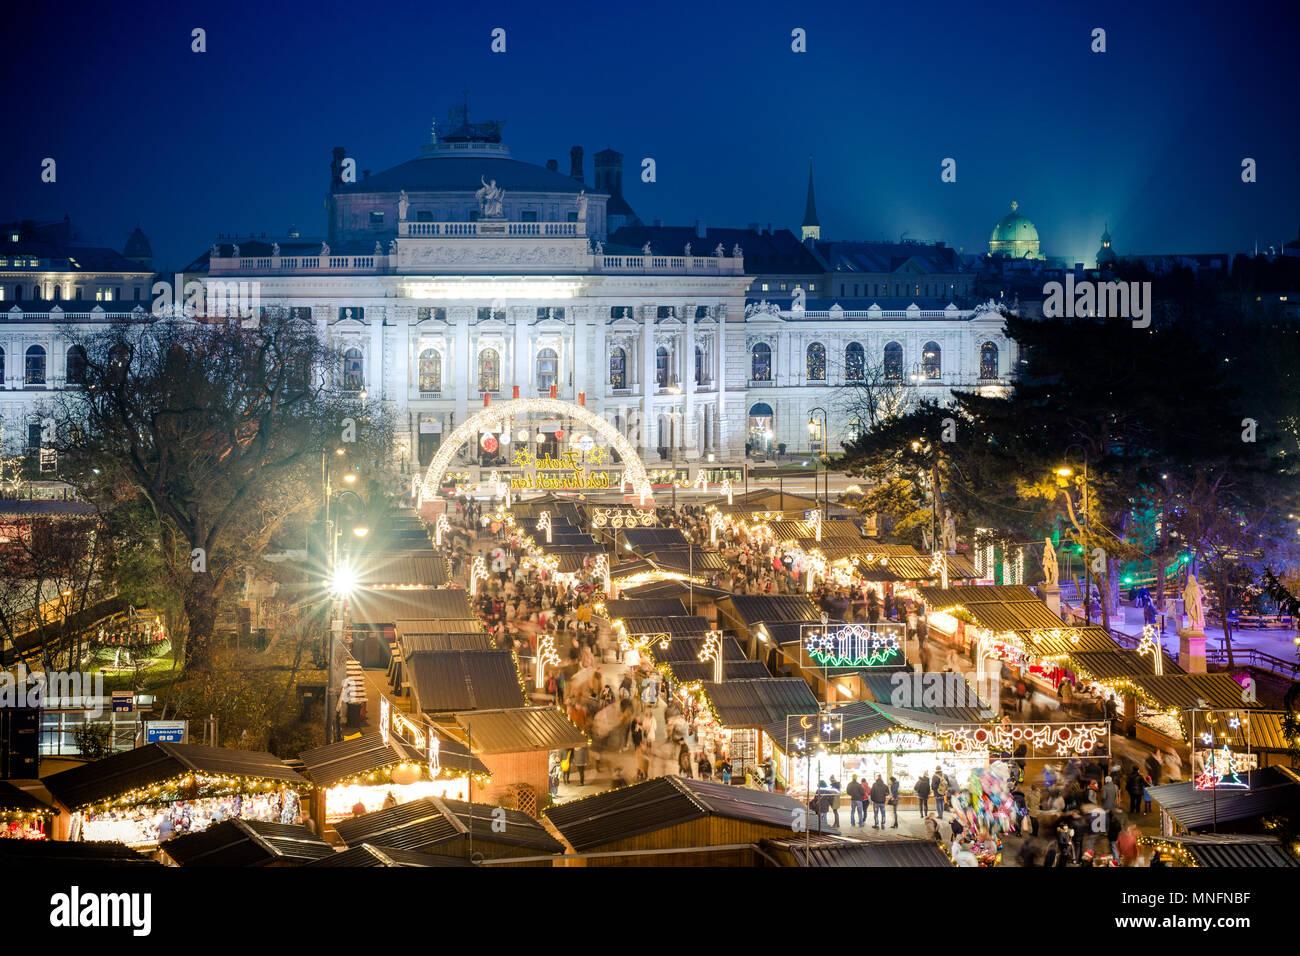 Wo Ist Der Größte Weihnachtsmarkt.Traditionelle Weihnachtsmarkt In Wien österreich Wichtige